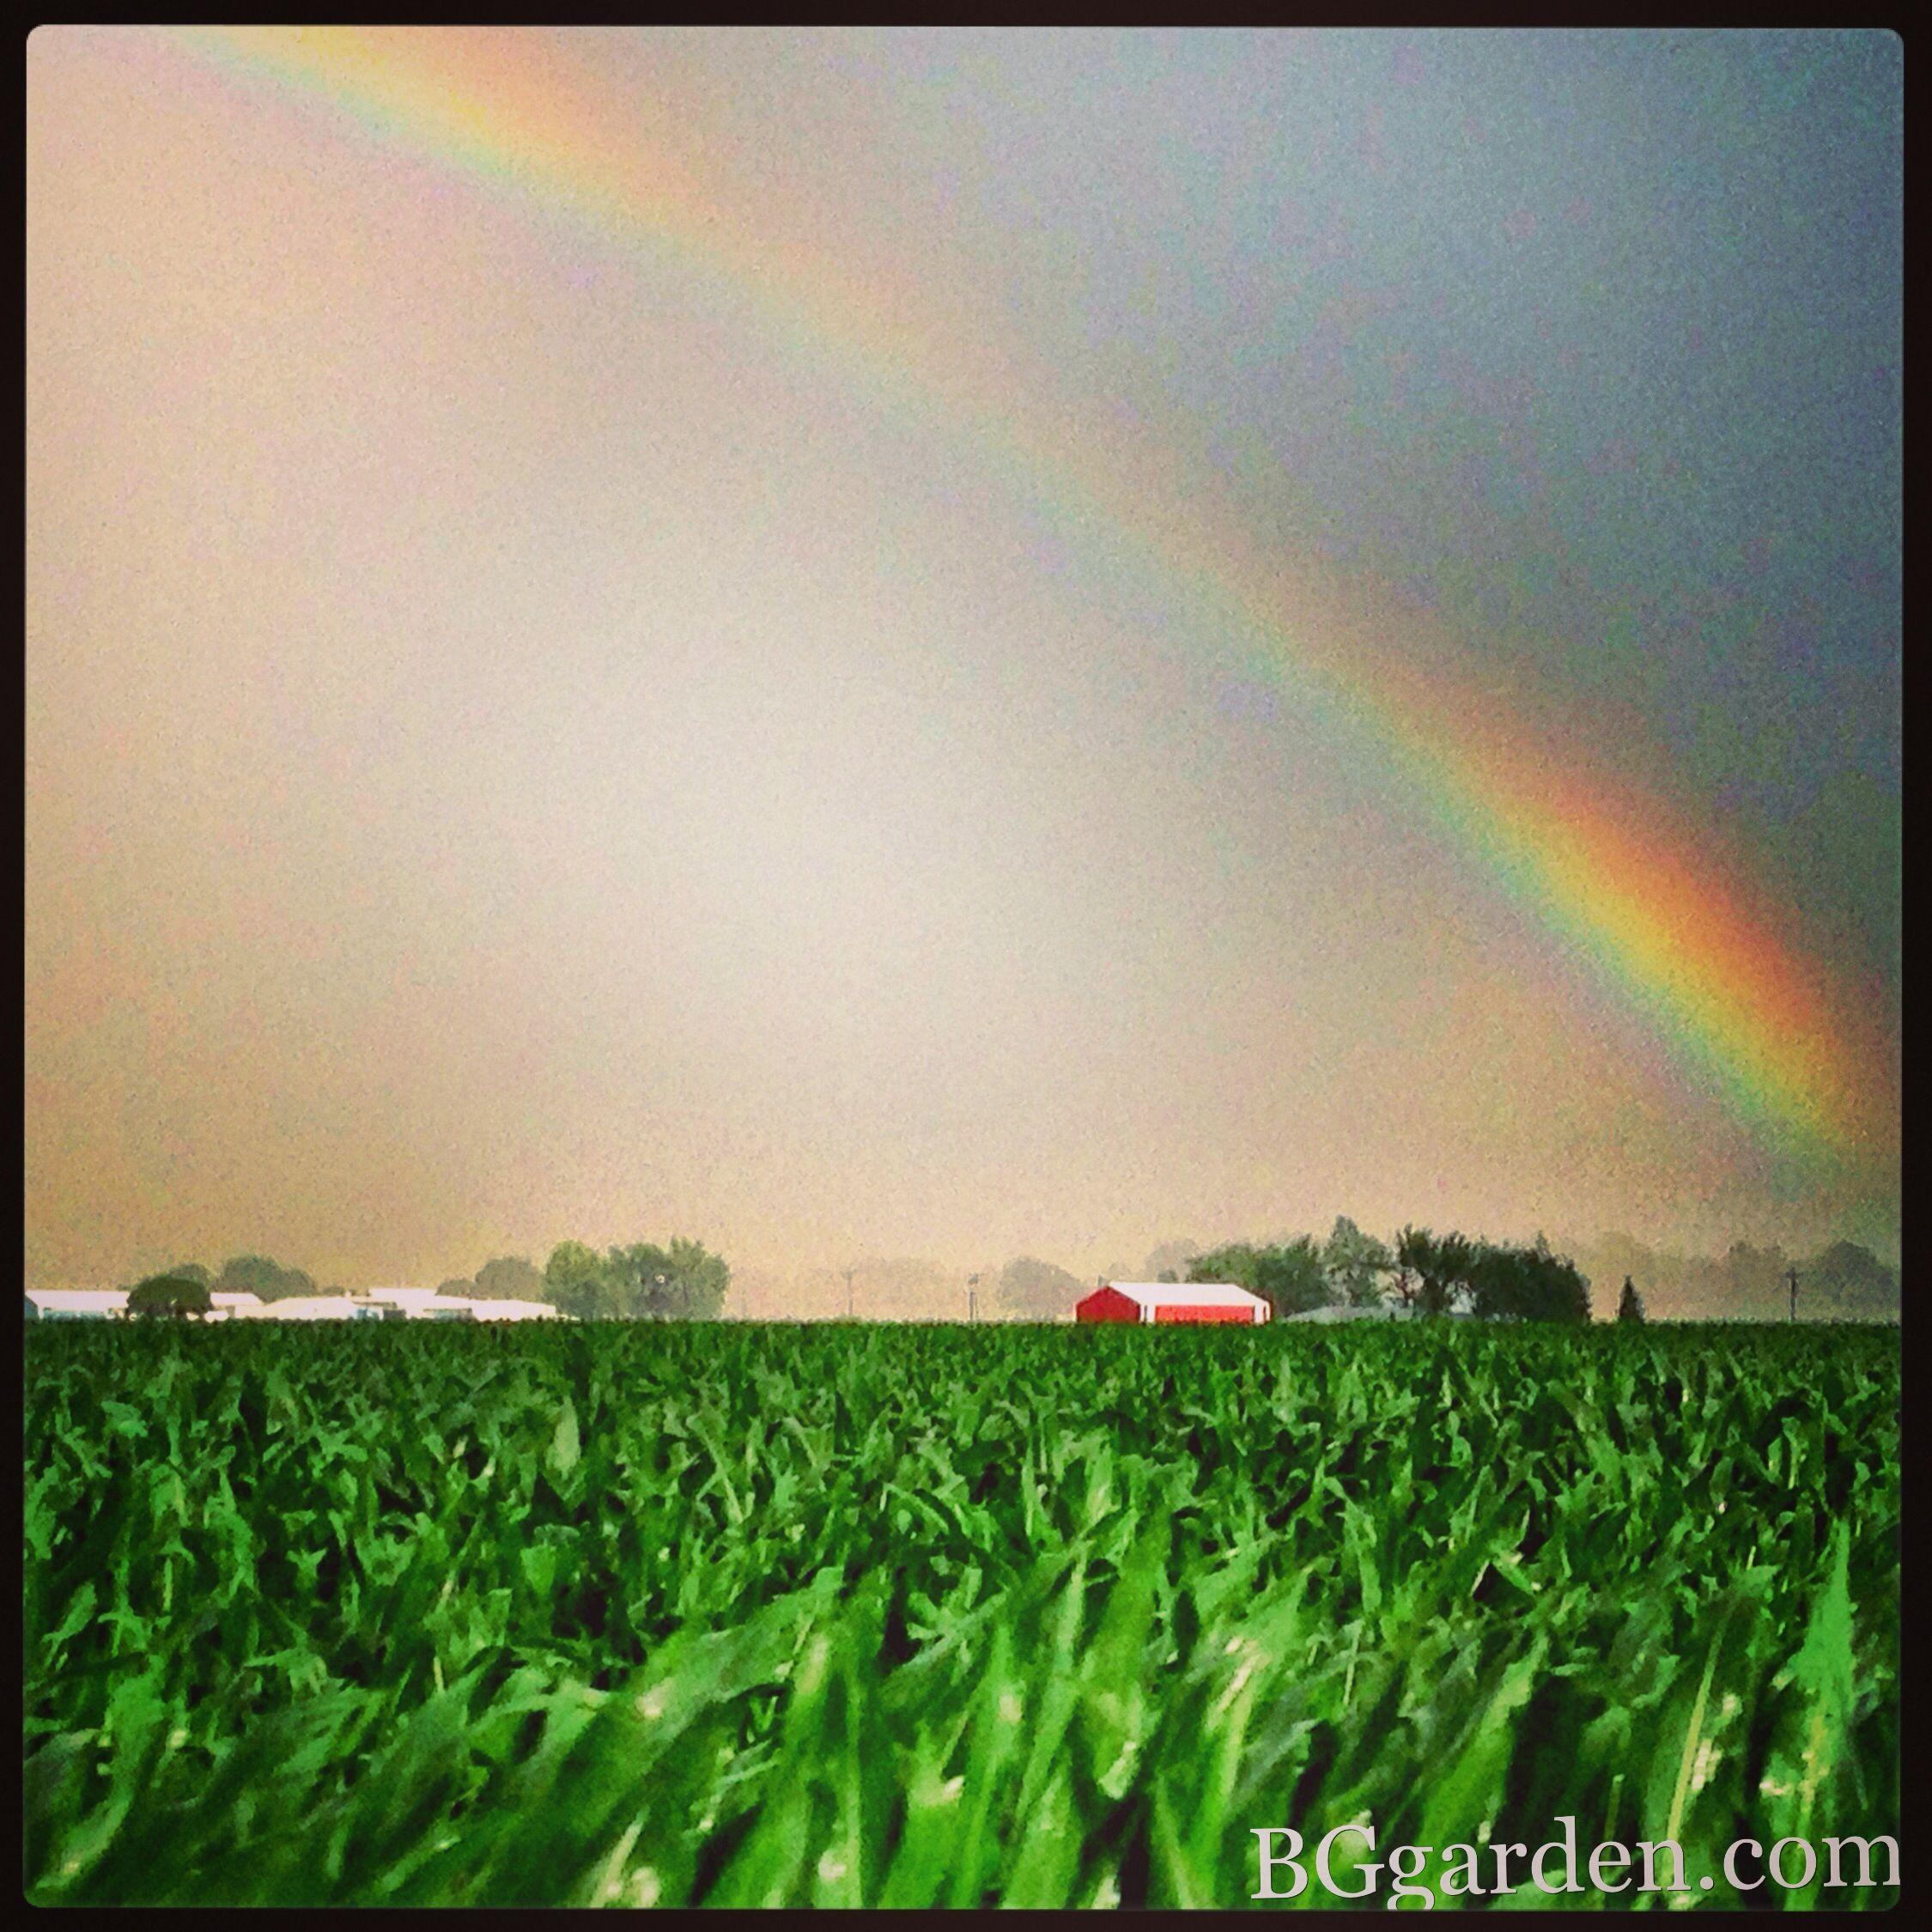 98dfe0552ad4cd4a66760962a181086e Verwunderlich so where Over the Rainbow Dekorationen